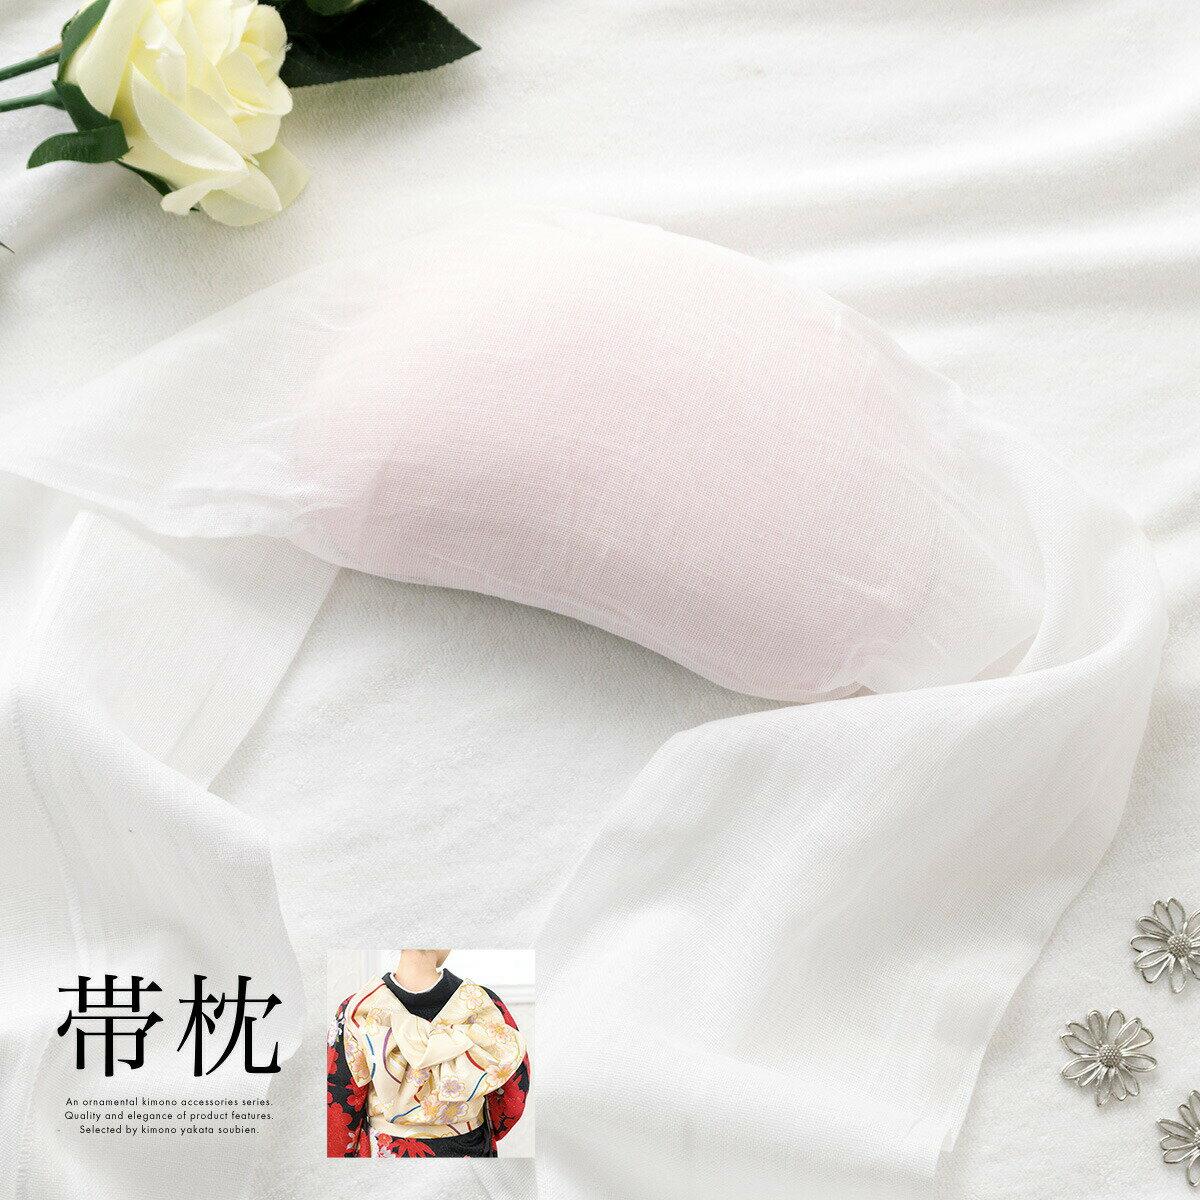 ウレタン帯枕 ガーゼ付き 成人式 振袖 着物 蛤型 和装小物 着付け小物 ふりそで【あす楽…...:so-bien:10000371